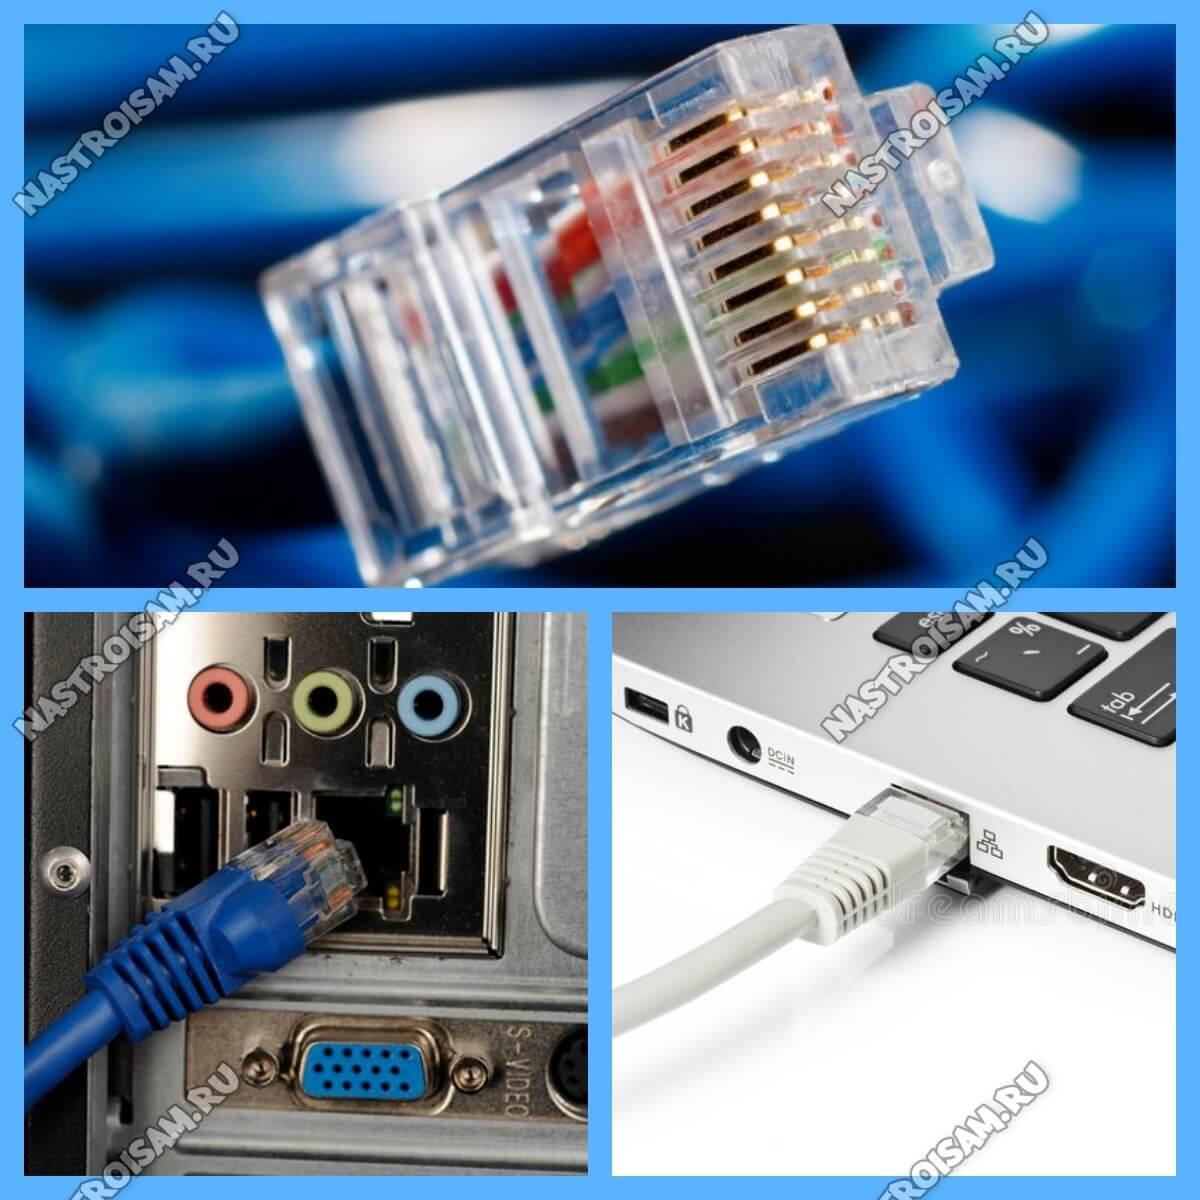 как подключить lan кабель к компьютеру